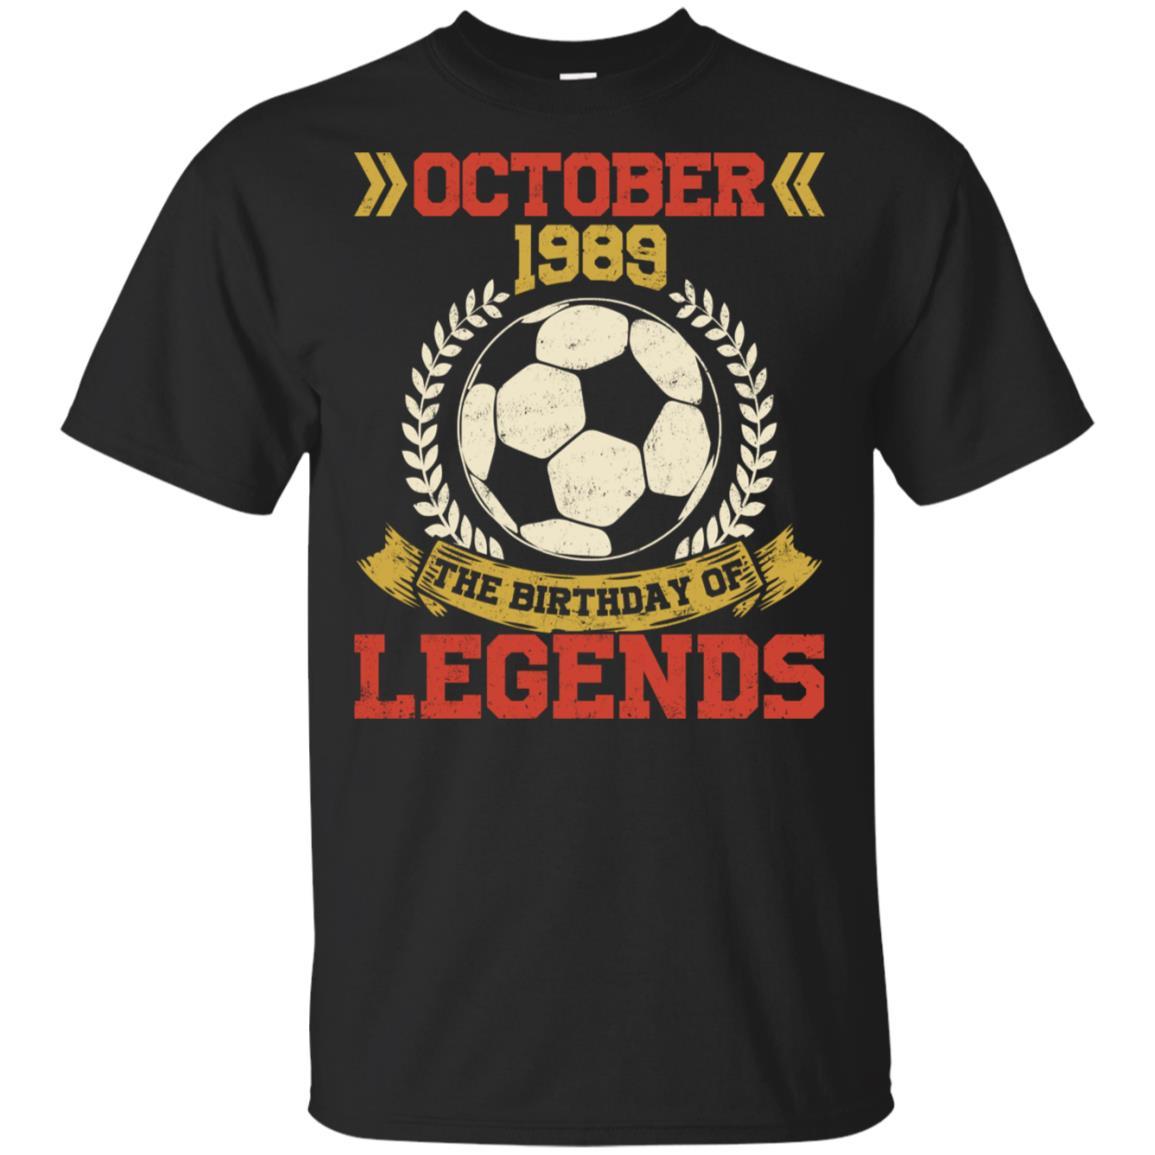 1989 October 29th Birthday Of Football Soccer Legend Unisex Short Sleeve